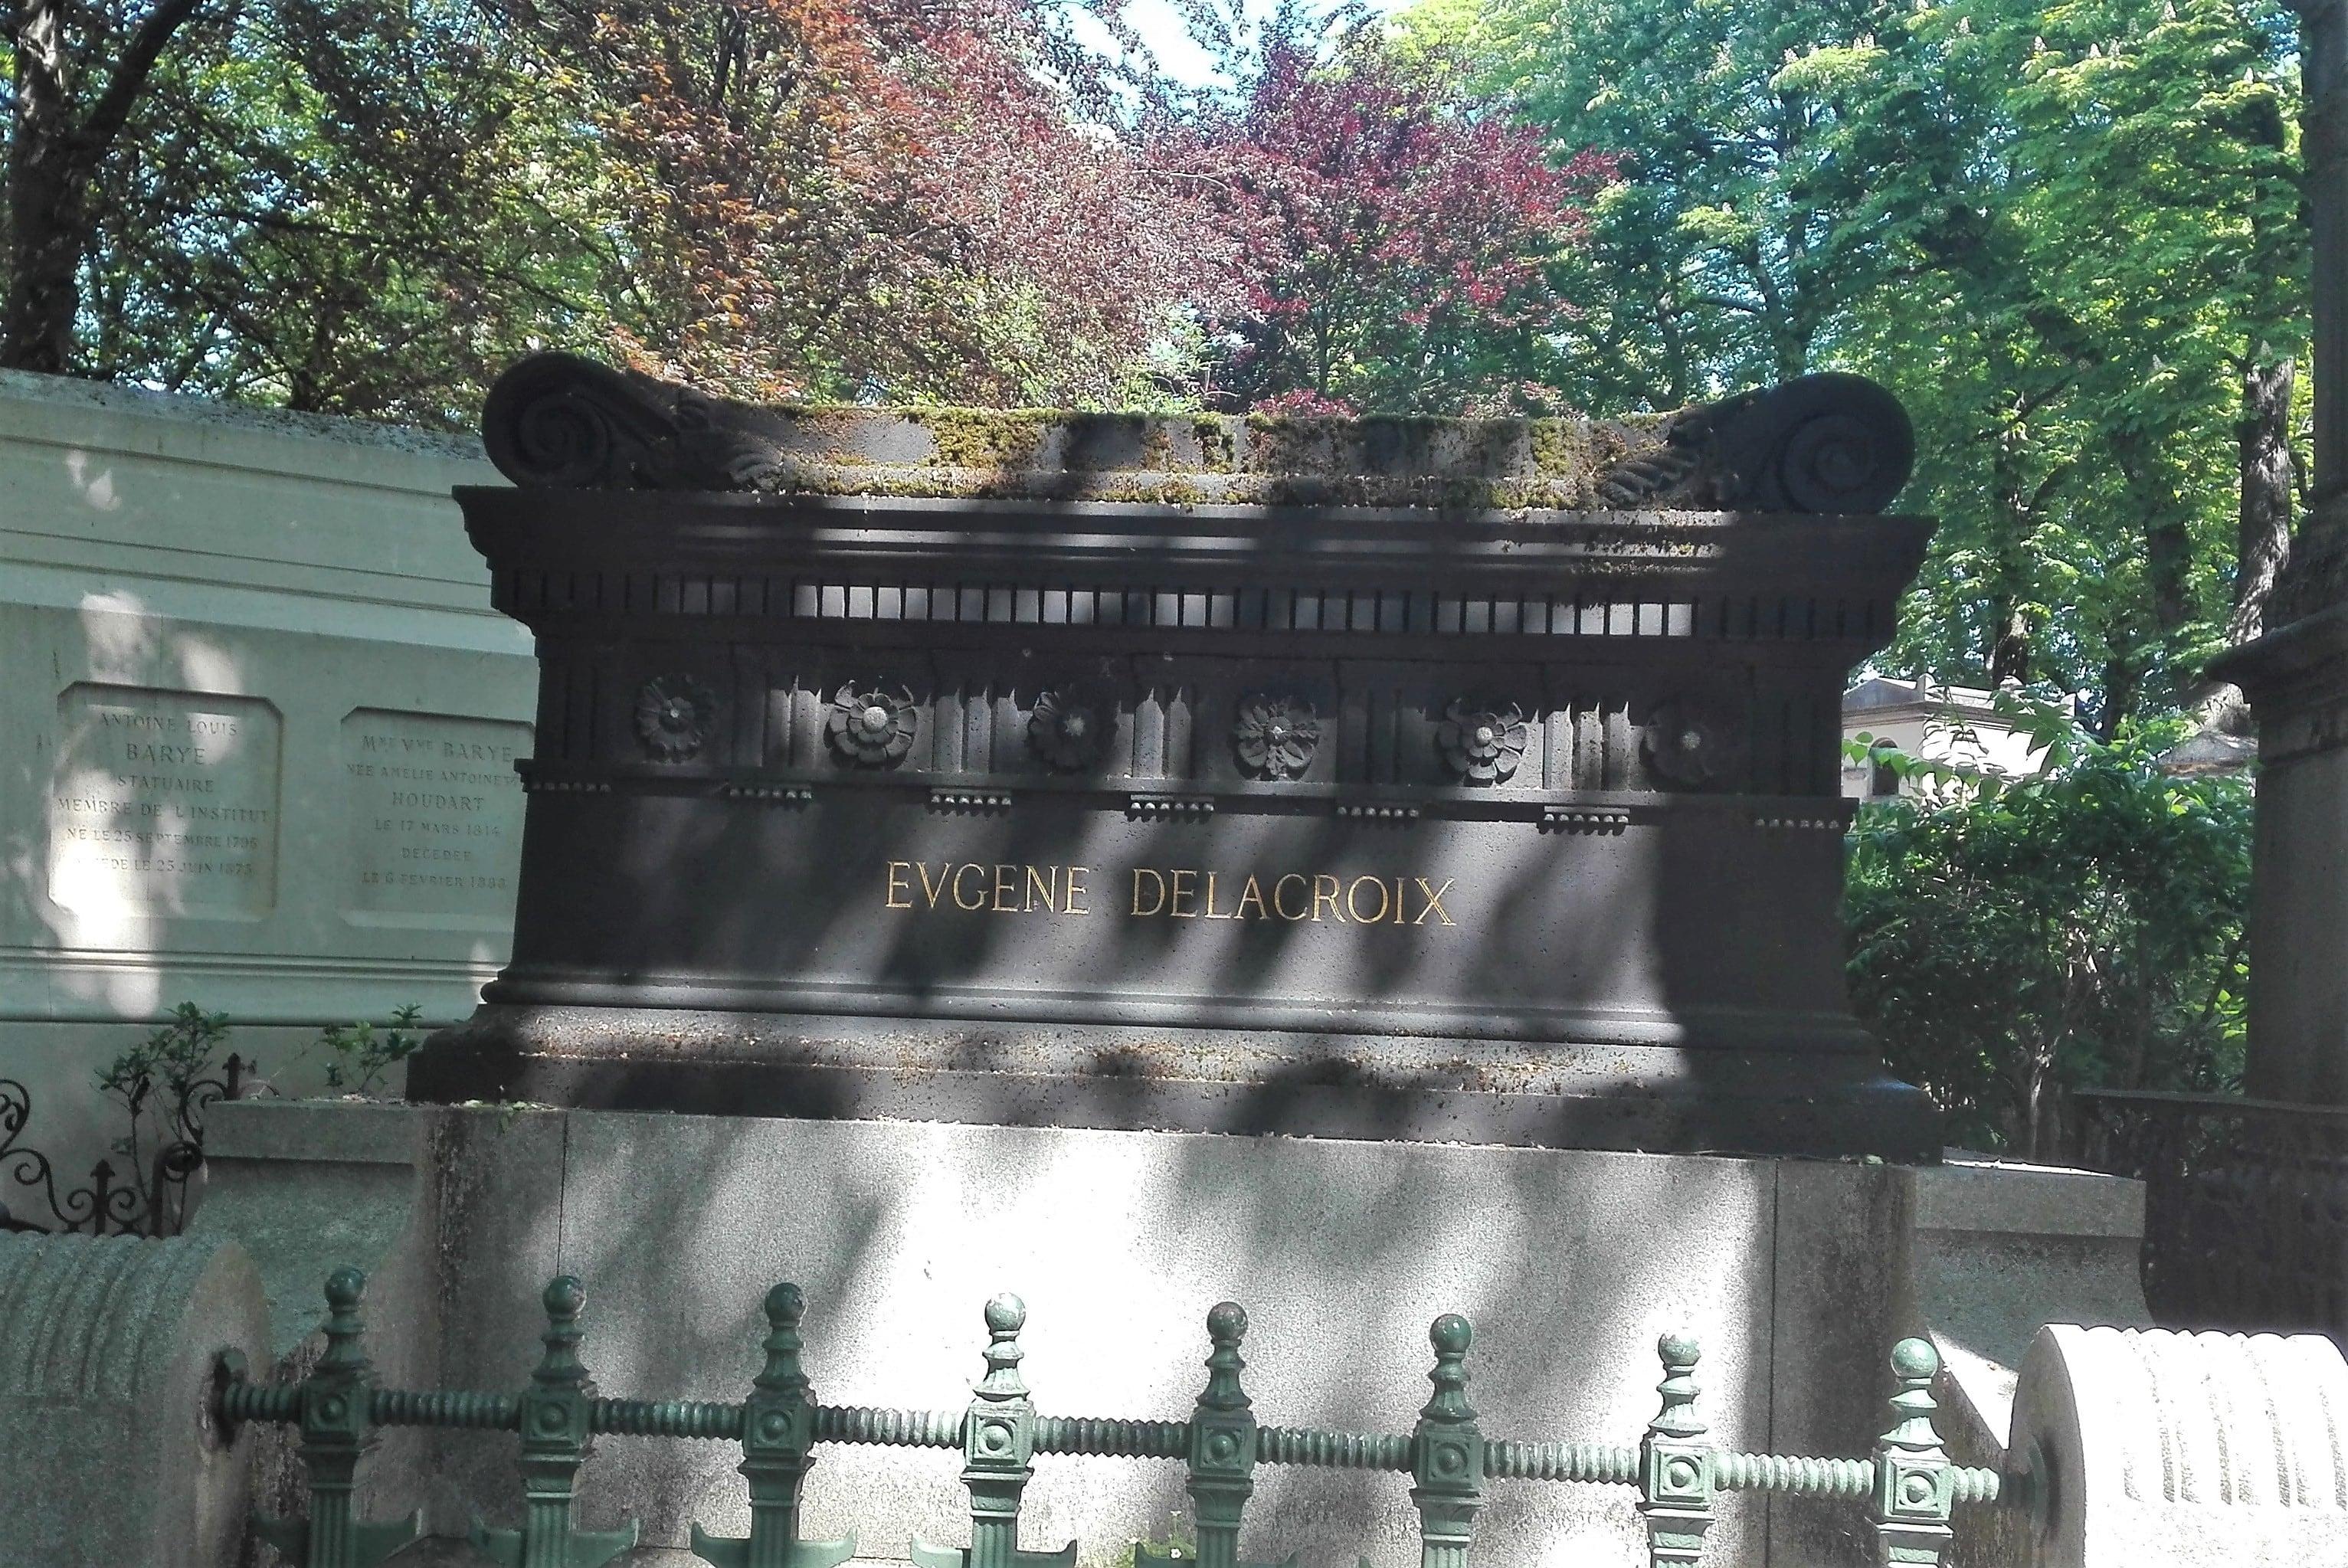 Tombe Eugène Delacroix_Cimetière du Père Lachaise